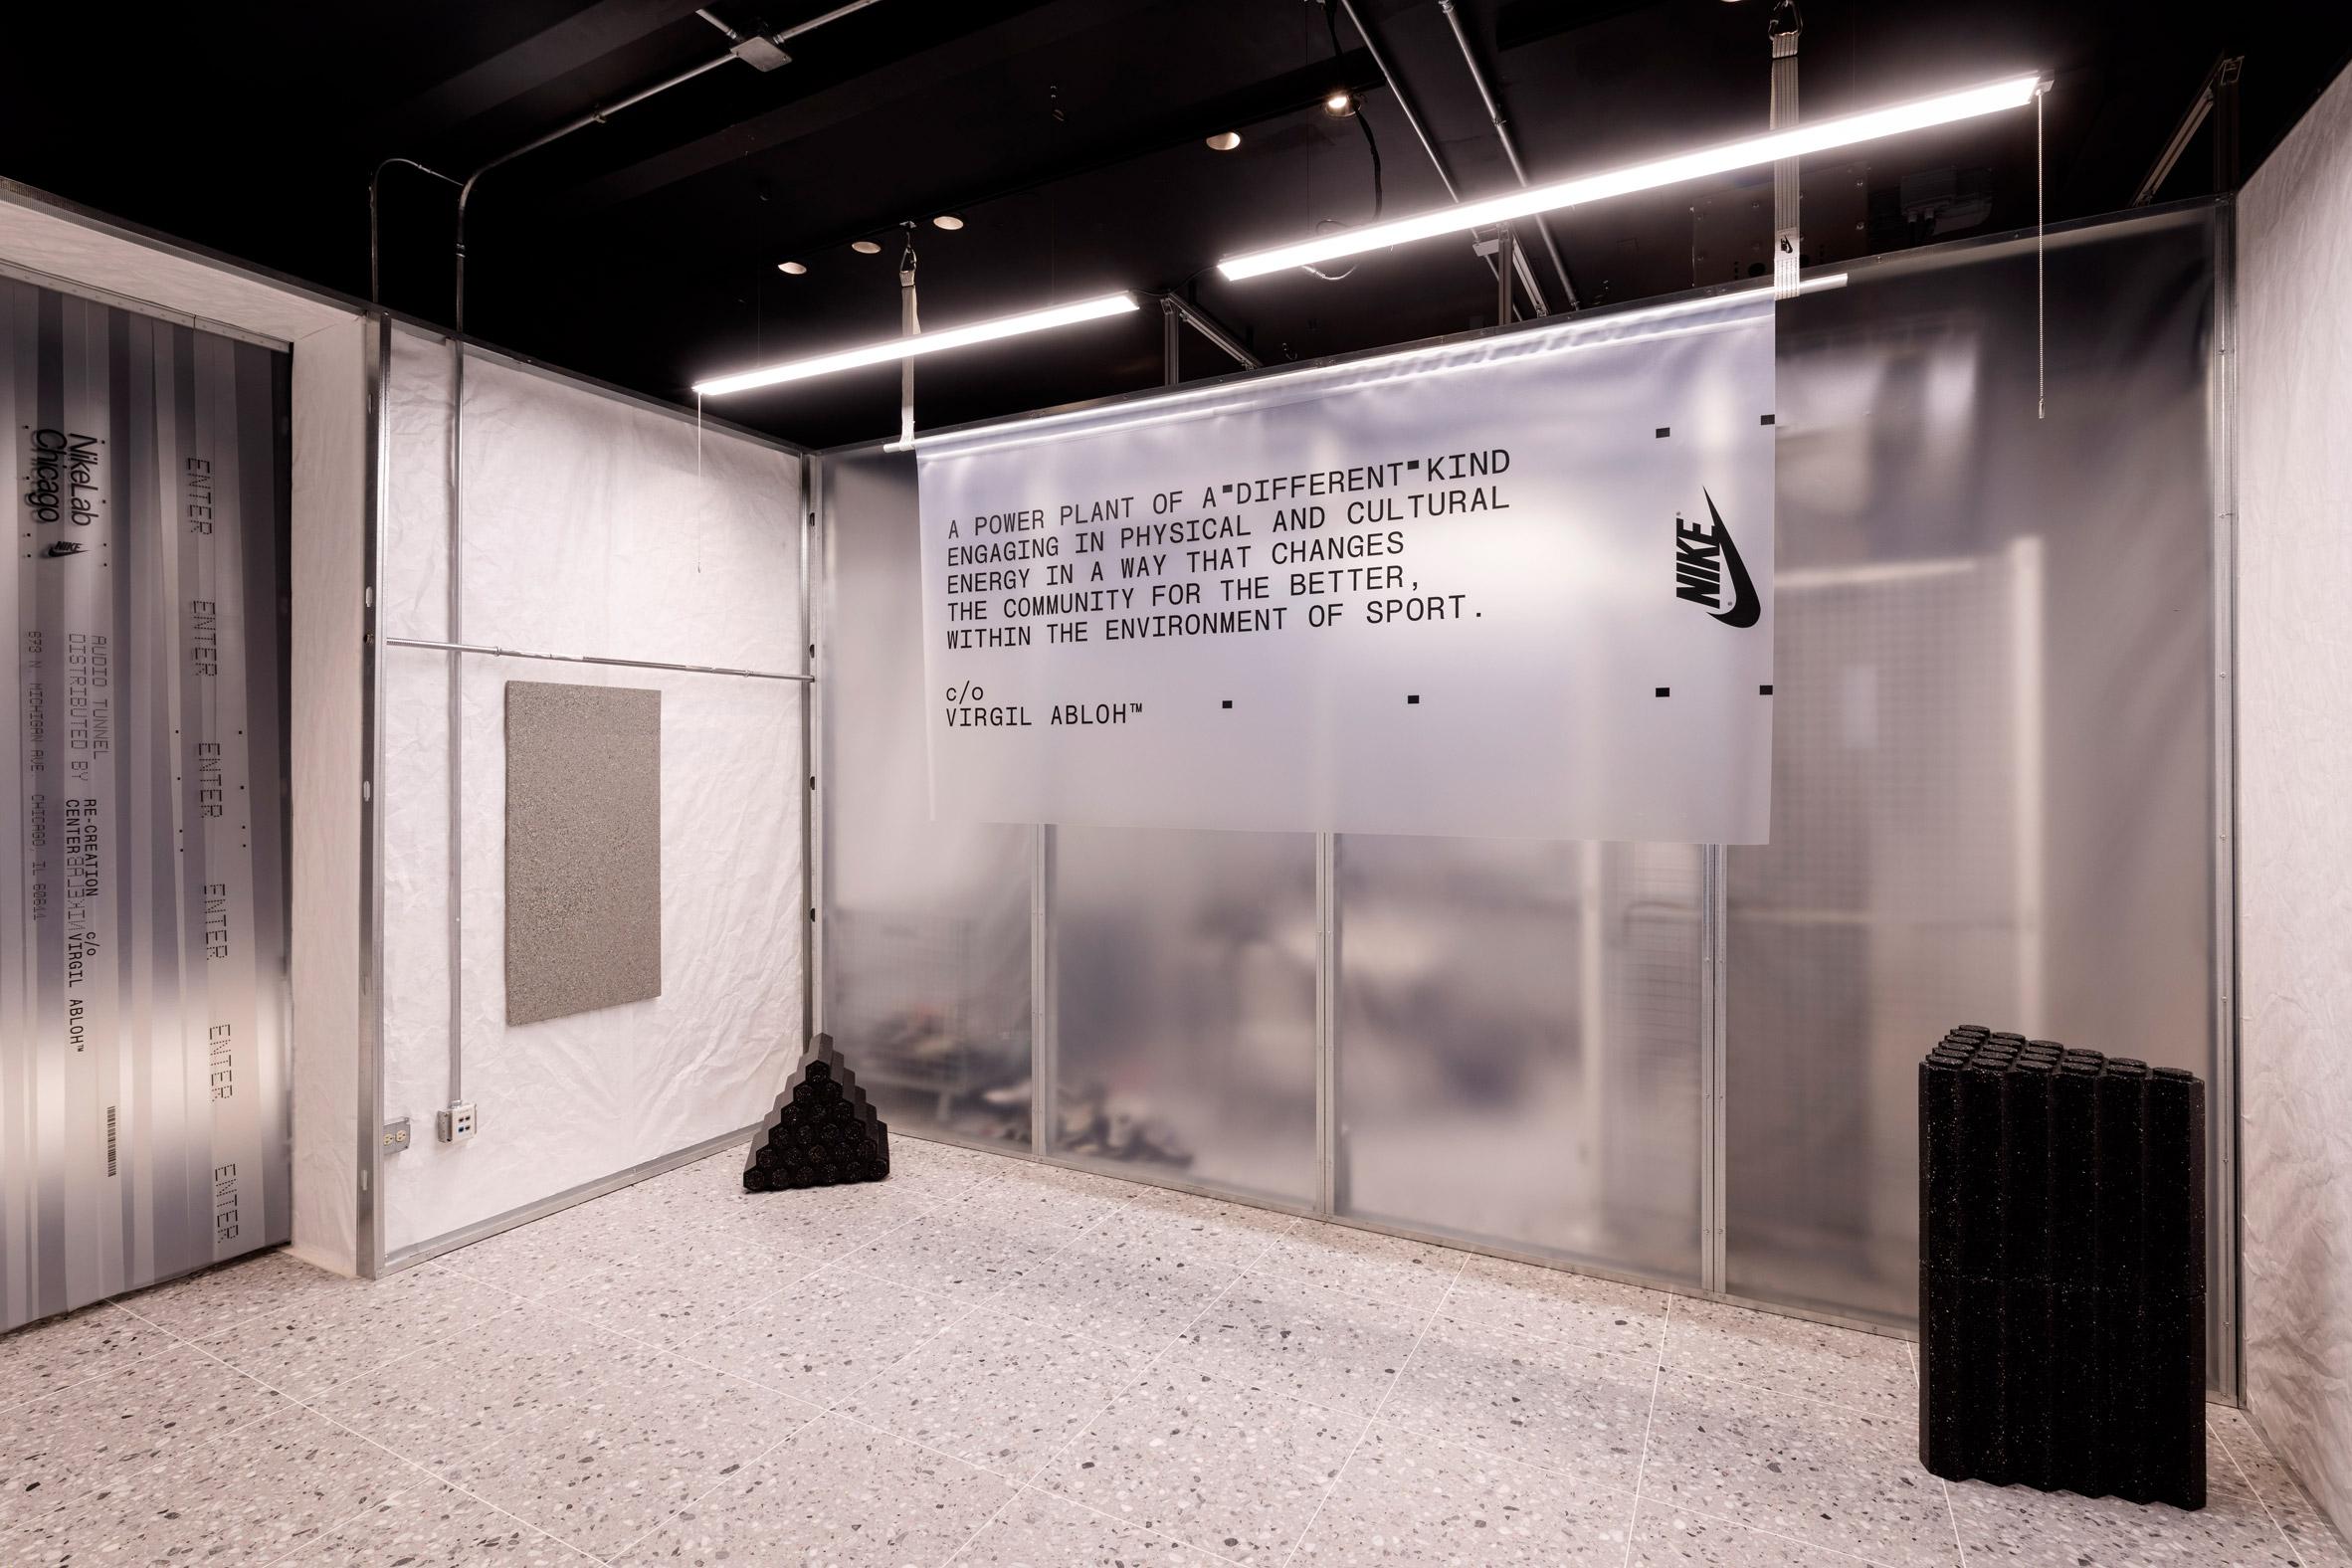 nike-virgil-abloh-nikelab-space-chicago-workshops_dezeen_2364_col_4.jpg